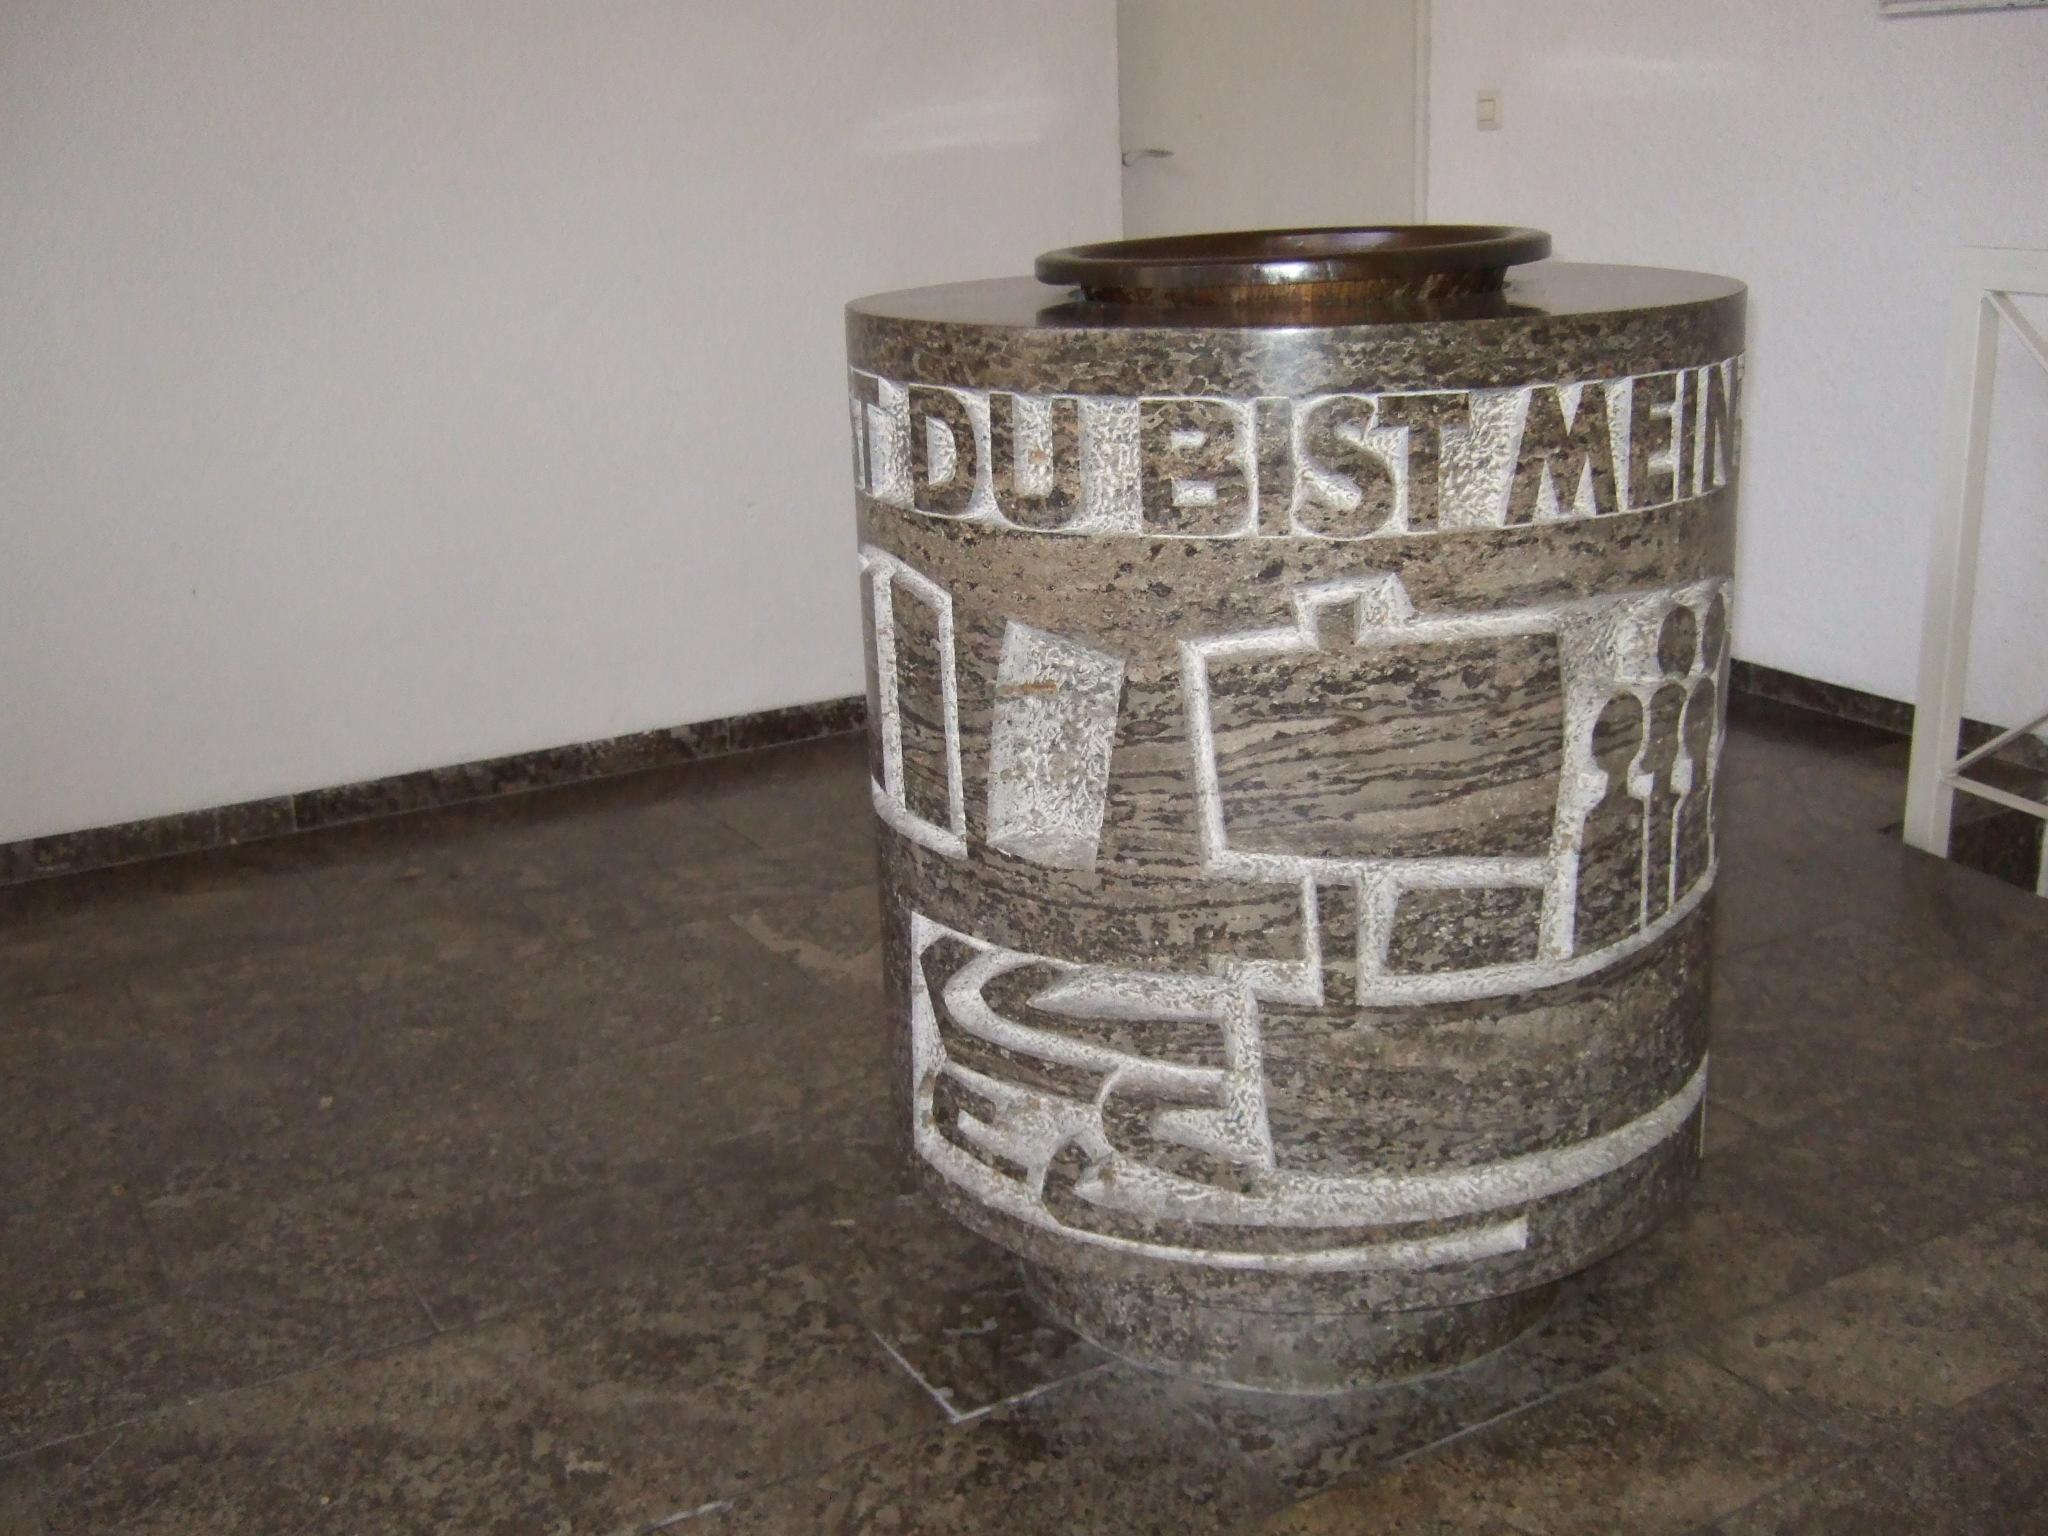 Taufe Evang Kirchengemeinde Deggingen Bad Ditzenbach